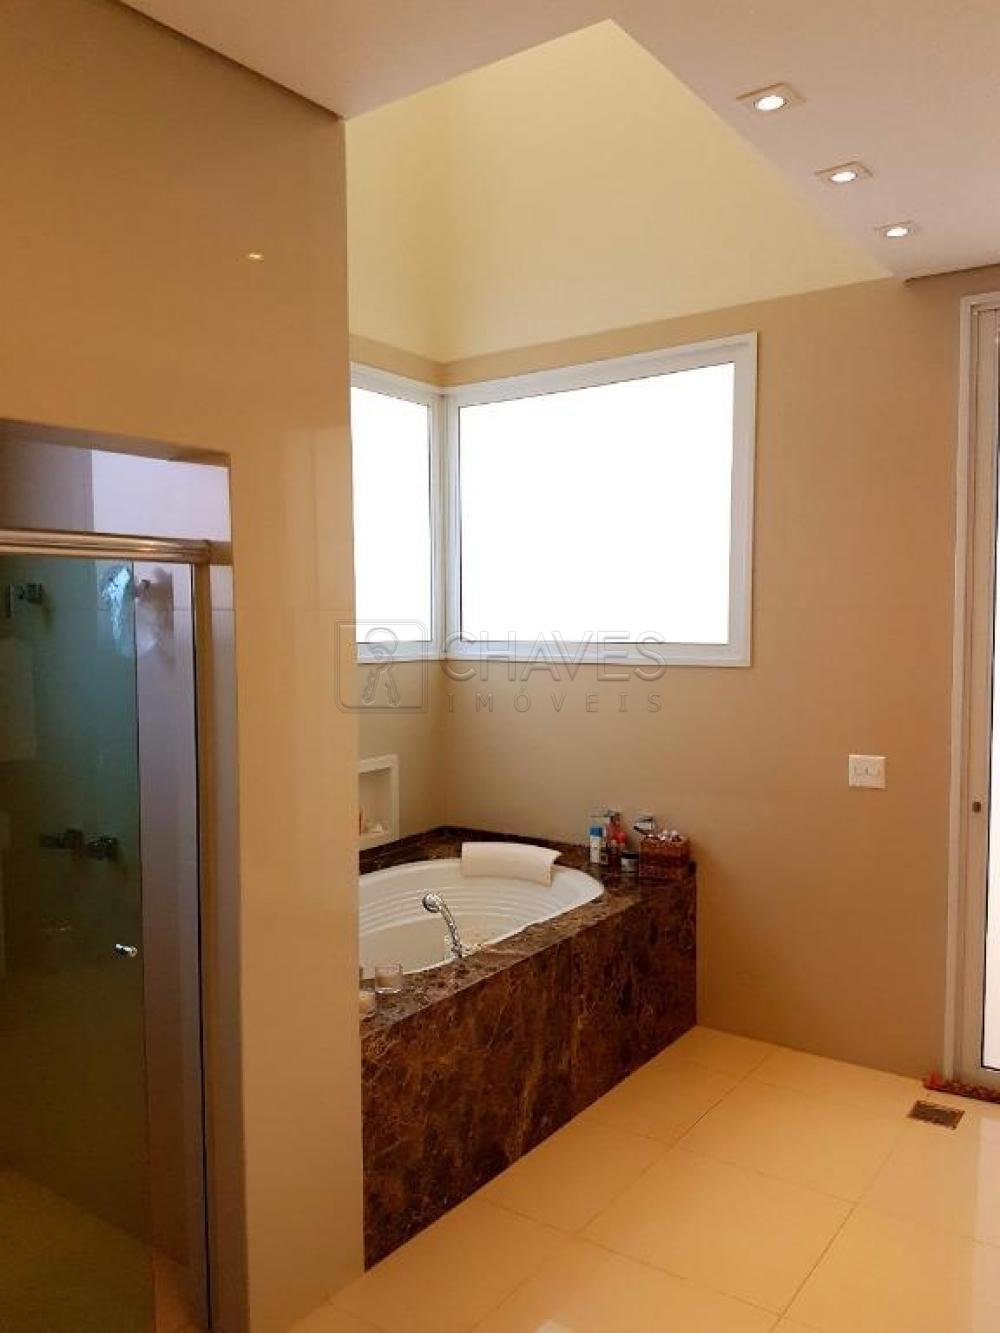 Comprar Casa / Condomínio em Ribeirão Preto apenas R$ 4.800.000,00 - Foto 14